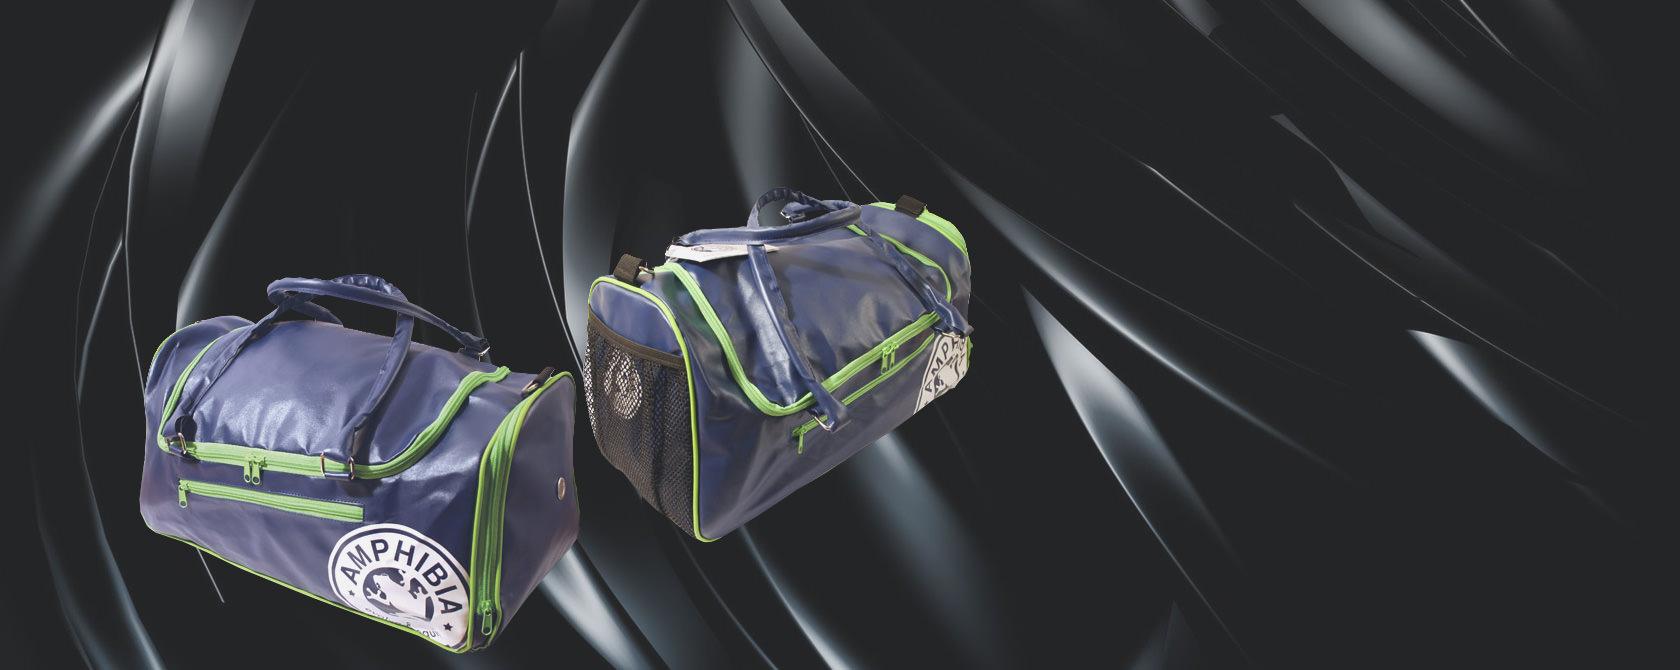 EVO Sports Bag